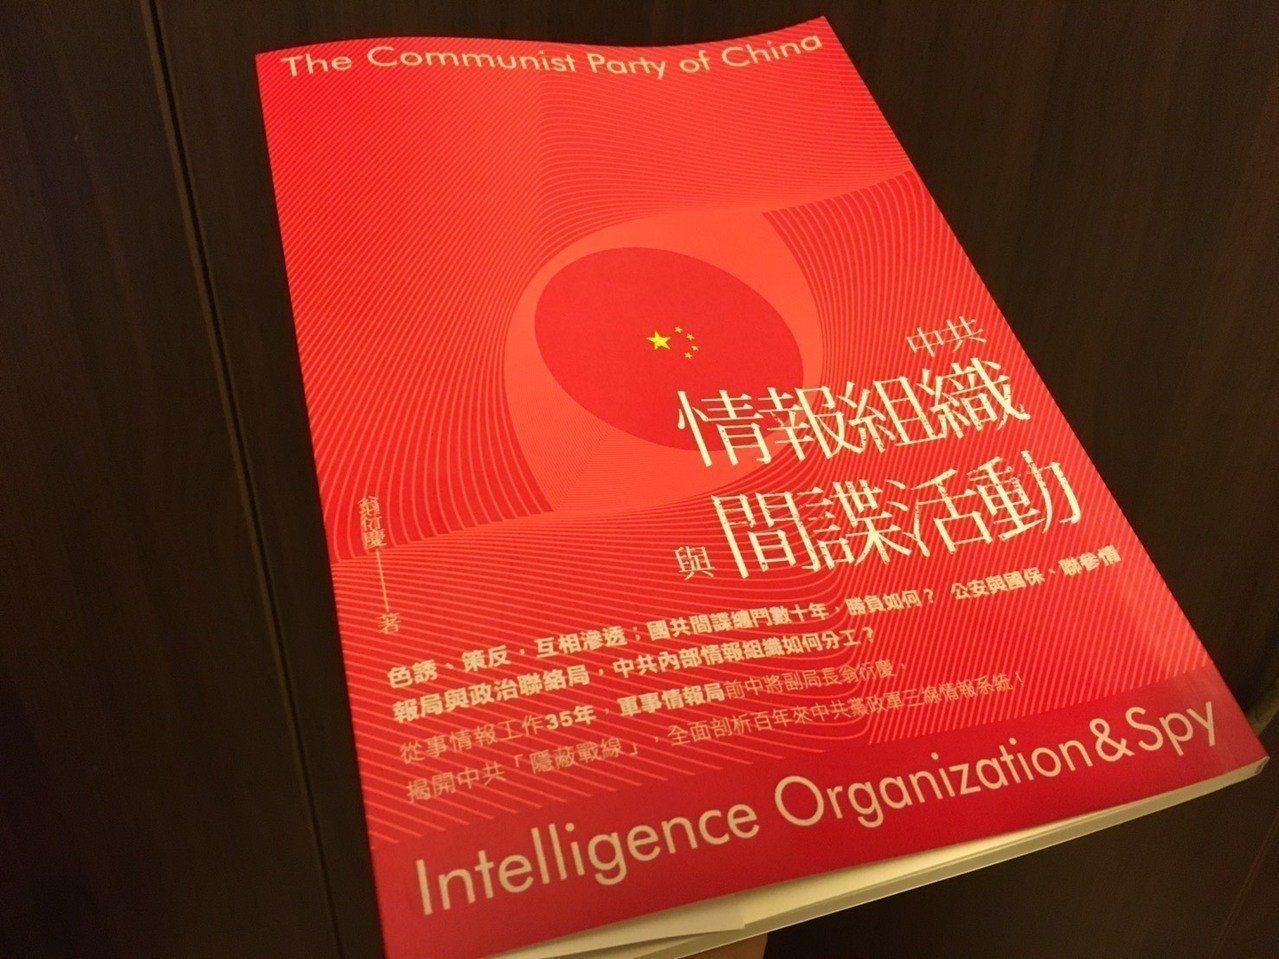 前軍情局副局長翁衍慶對中共情報素有研究,並曾出版「中共情報組織與間諜活動」一書。...